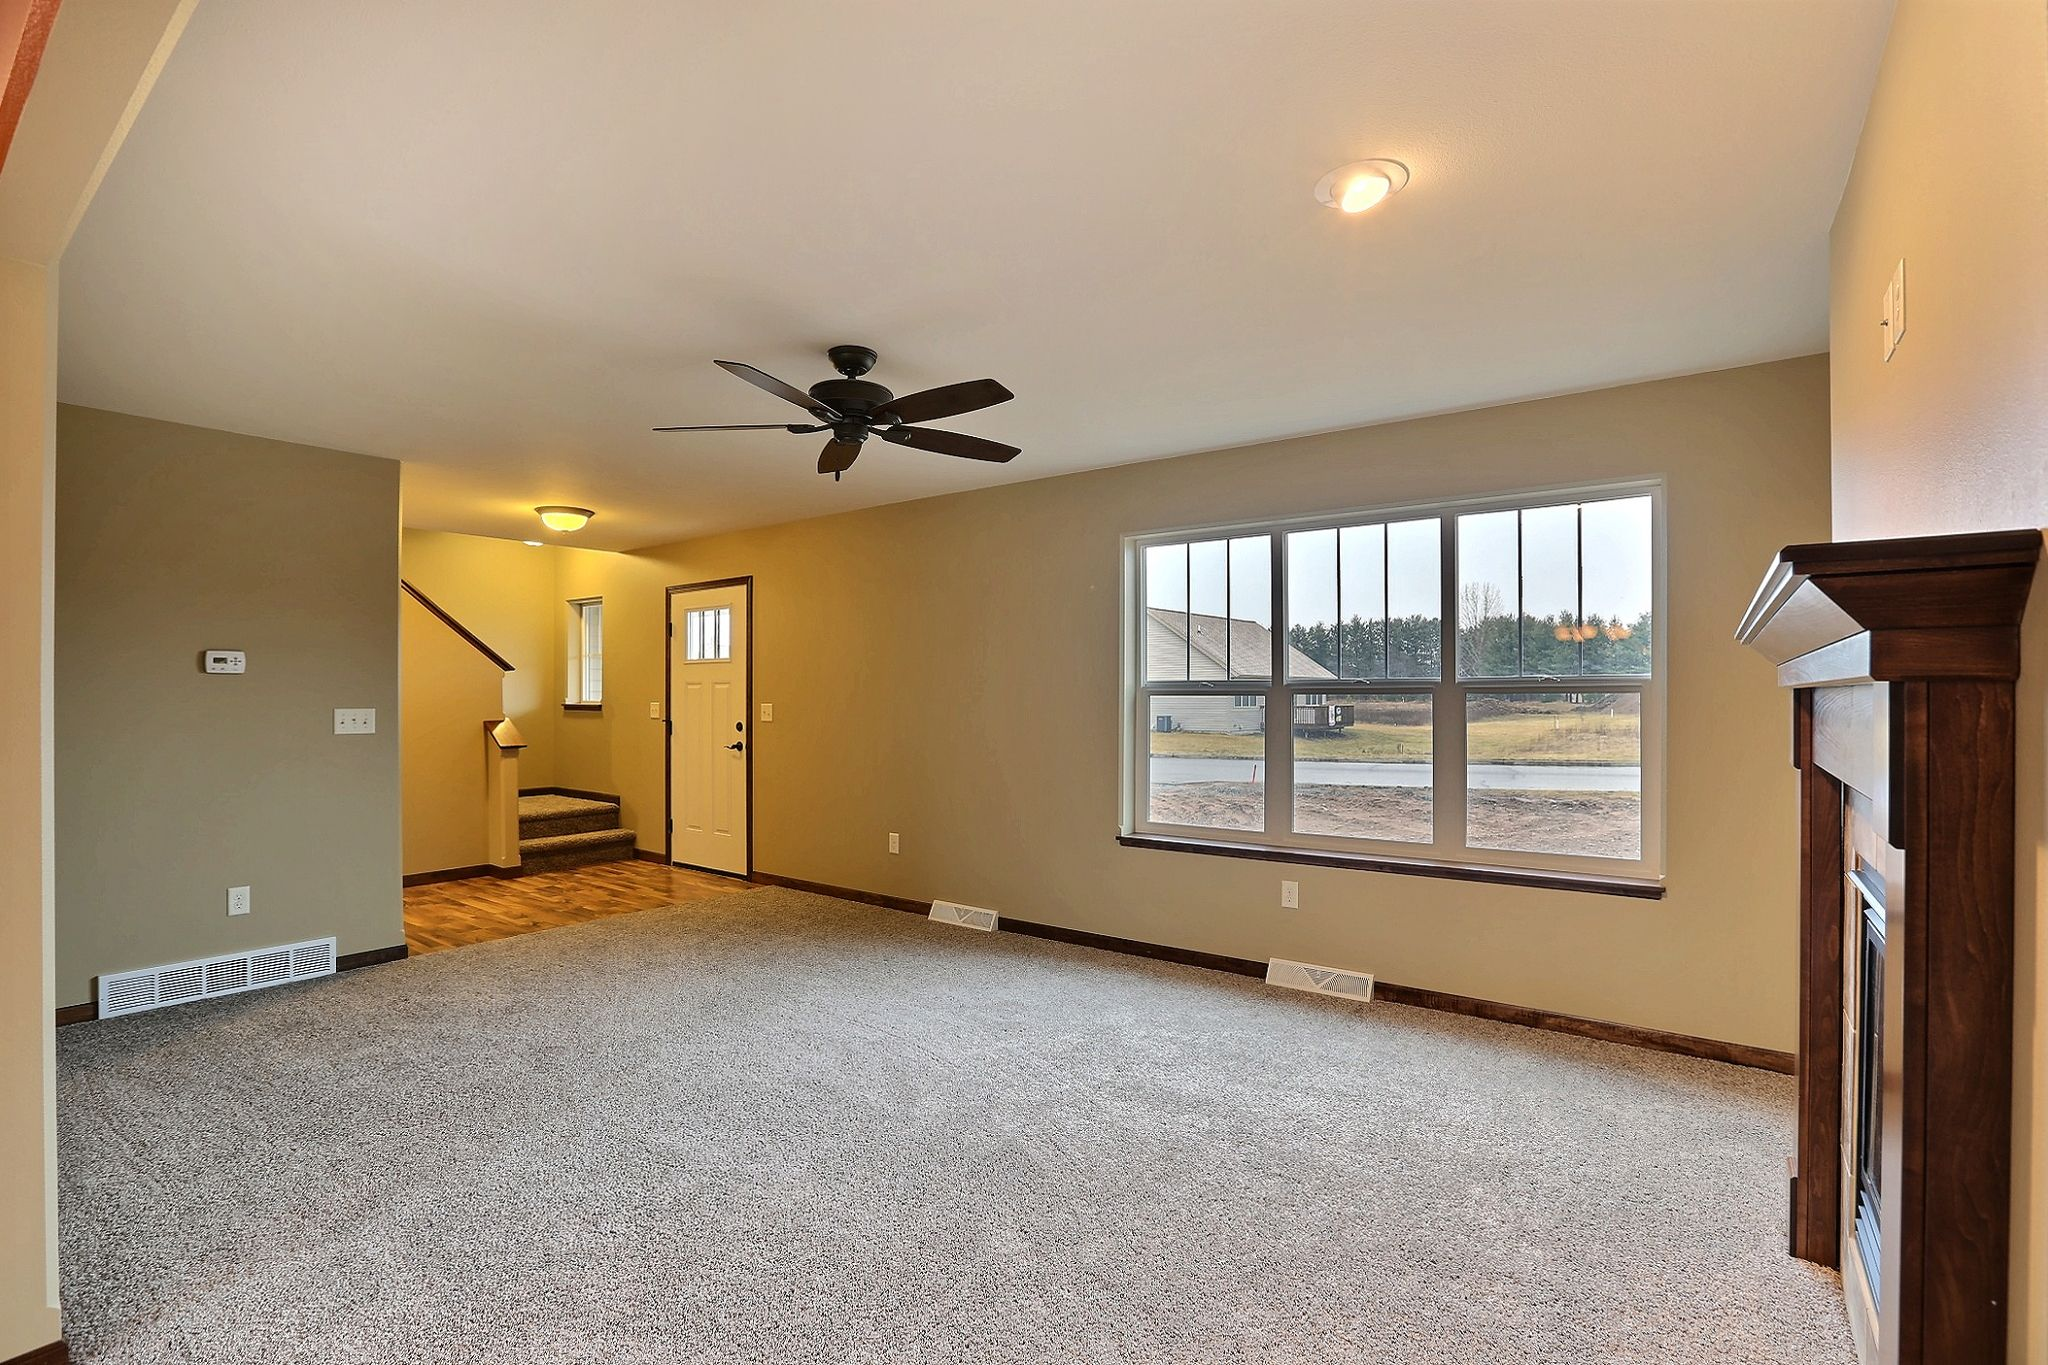 fc7 mocha plan: living room- carpet:live big #500 wall color